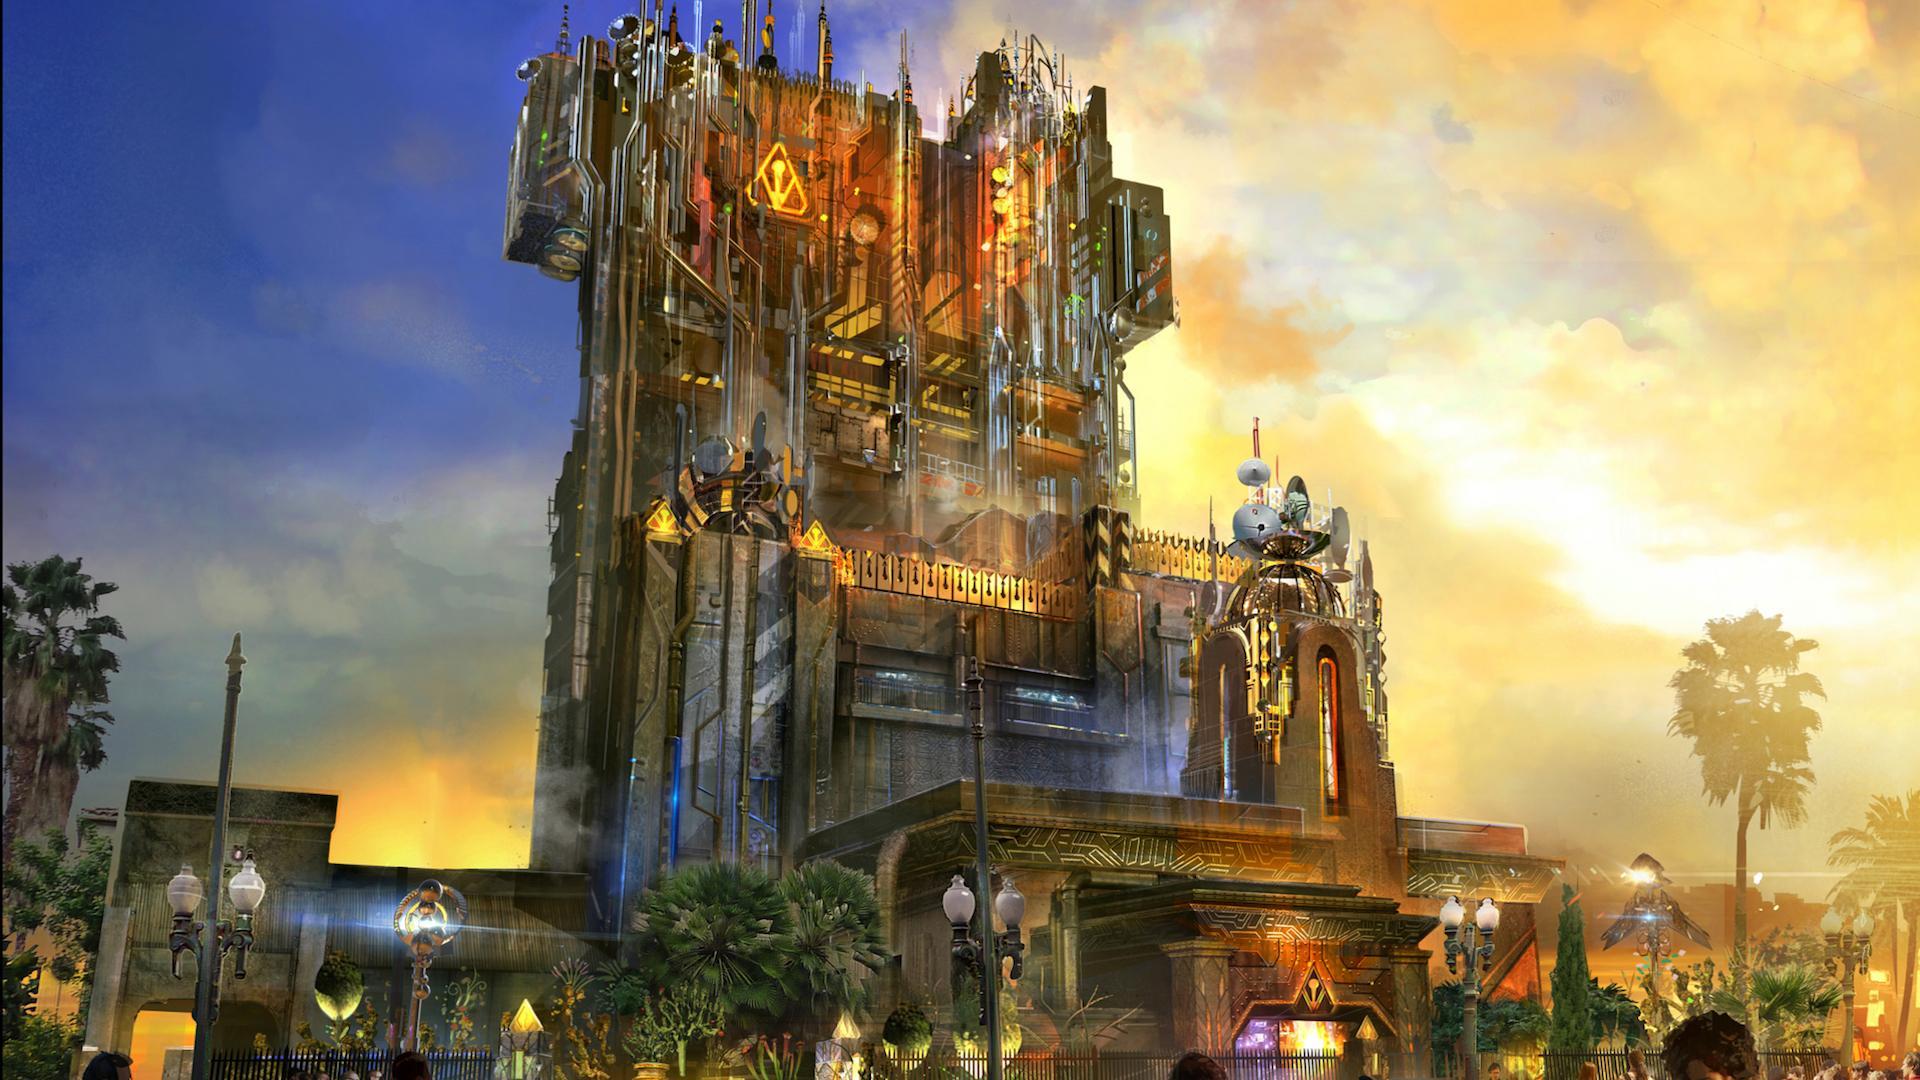 En mayo, Marvel y Disney abren el parque temático de Guardianes de la Galaxia